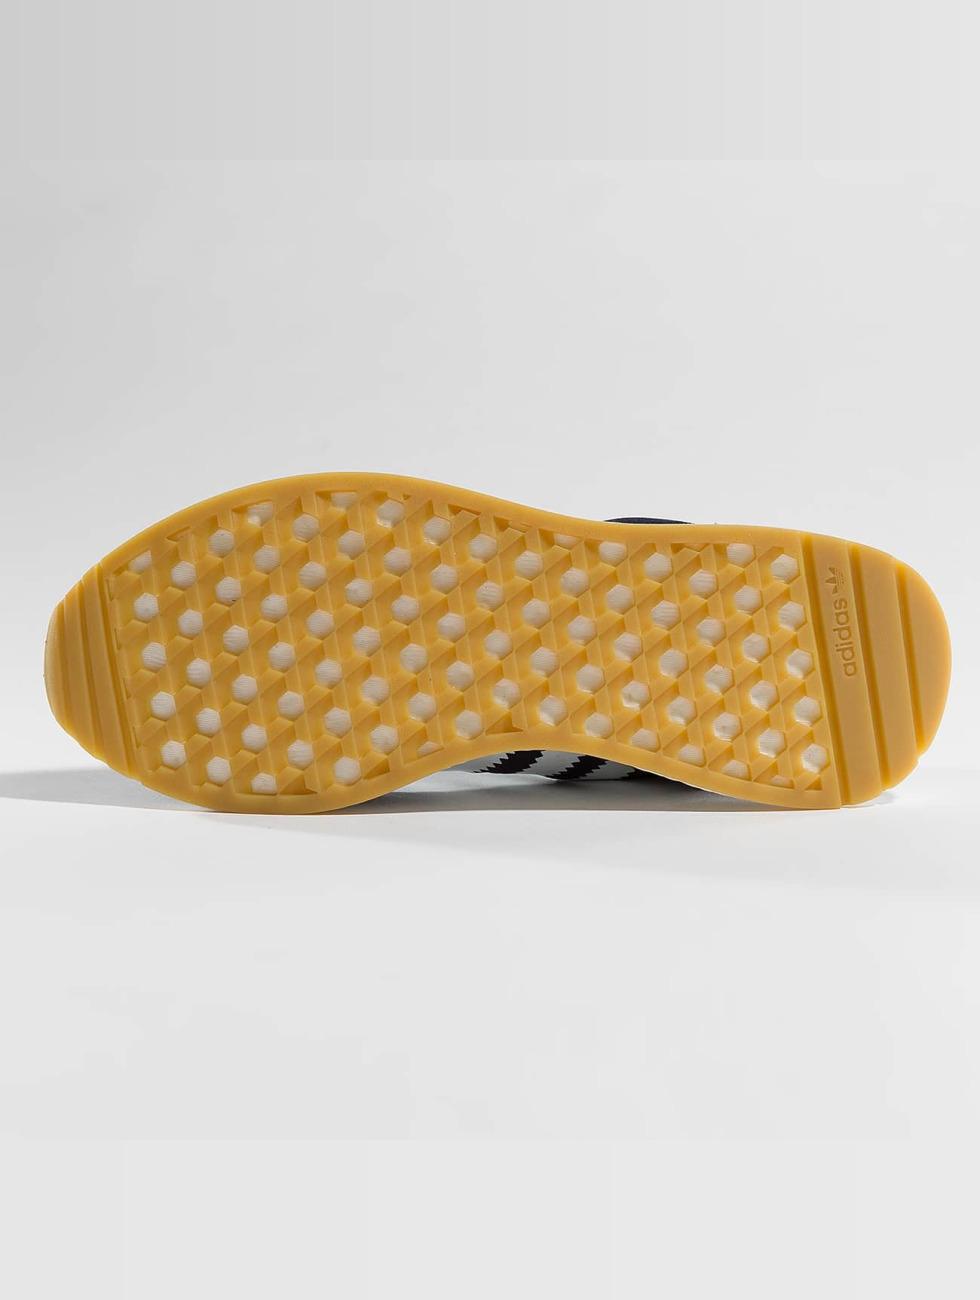 adidas originals schoen / sneaker I-5923 in blauw 396234 Klaring Bezoek Nieuw Geen Verzendkosten Zeer Goedkope Prijs Verhandelbare Online uiterst AhYqj